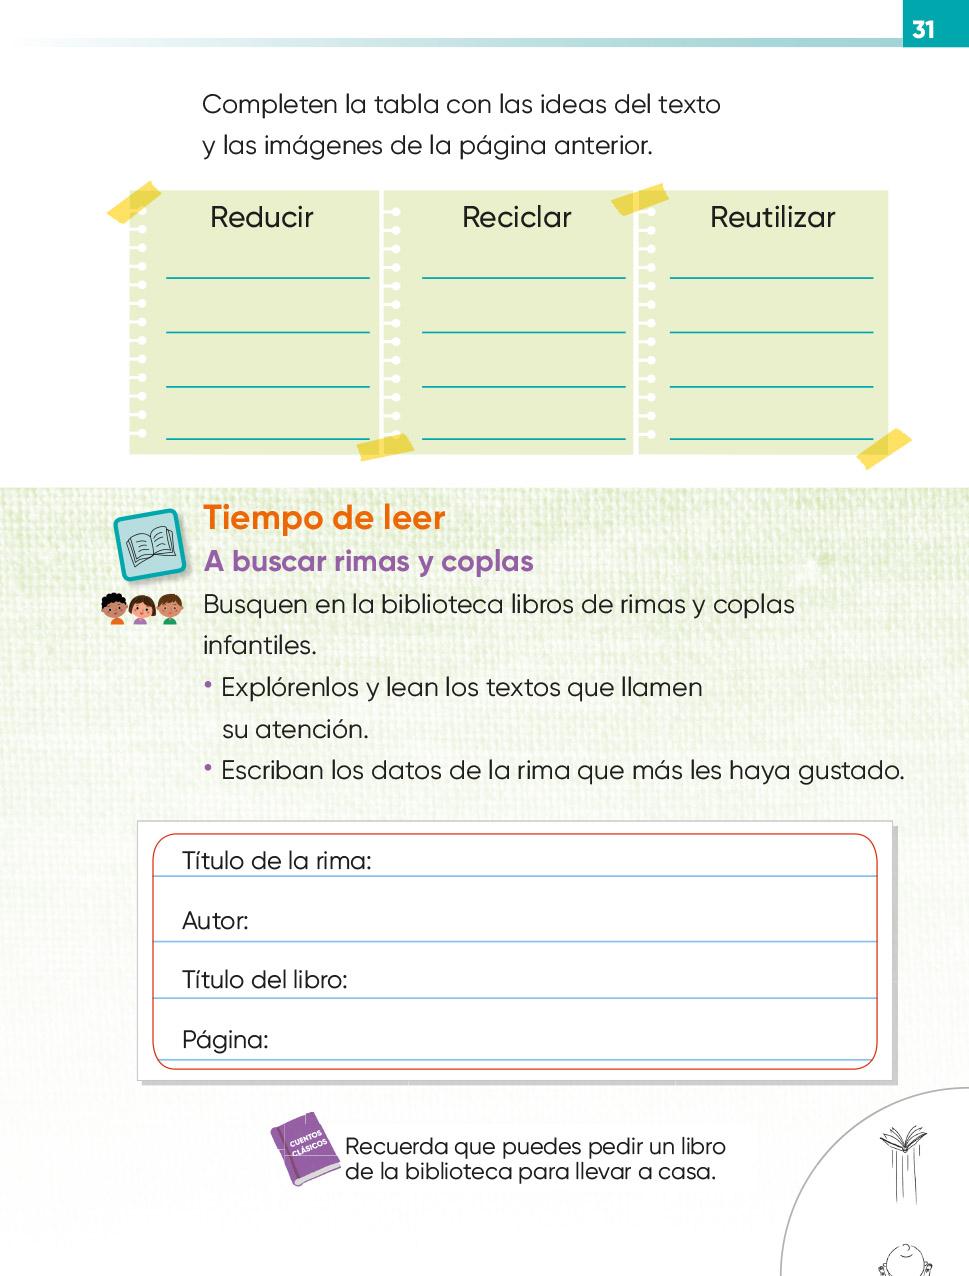 Lengua Materna Español Segundo grado 2020-2021 - Página 31 ...